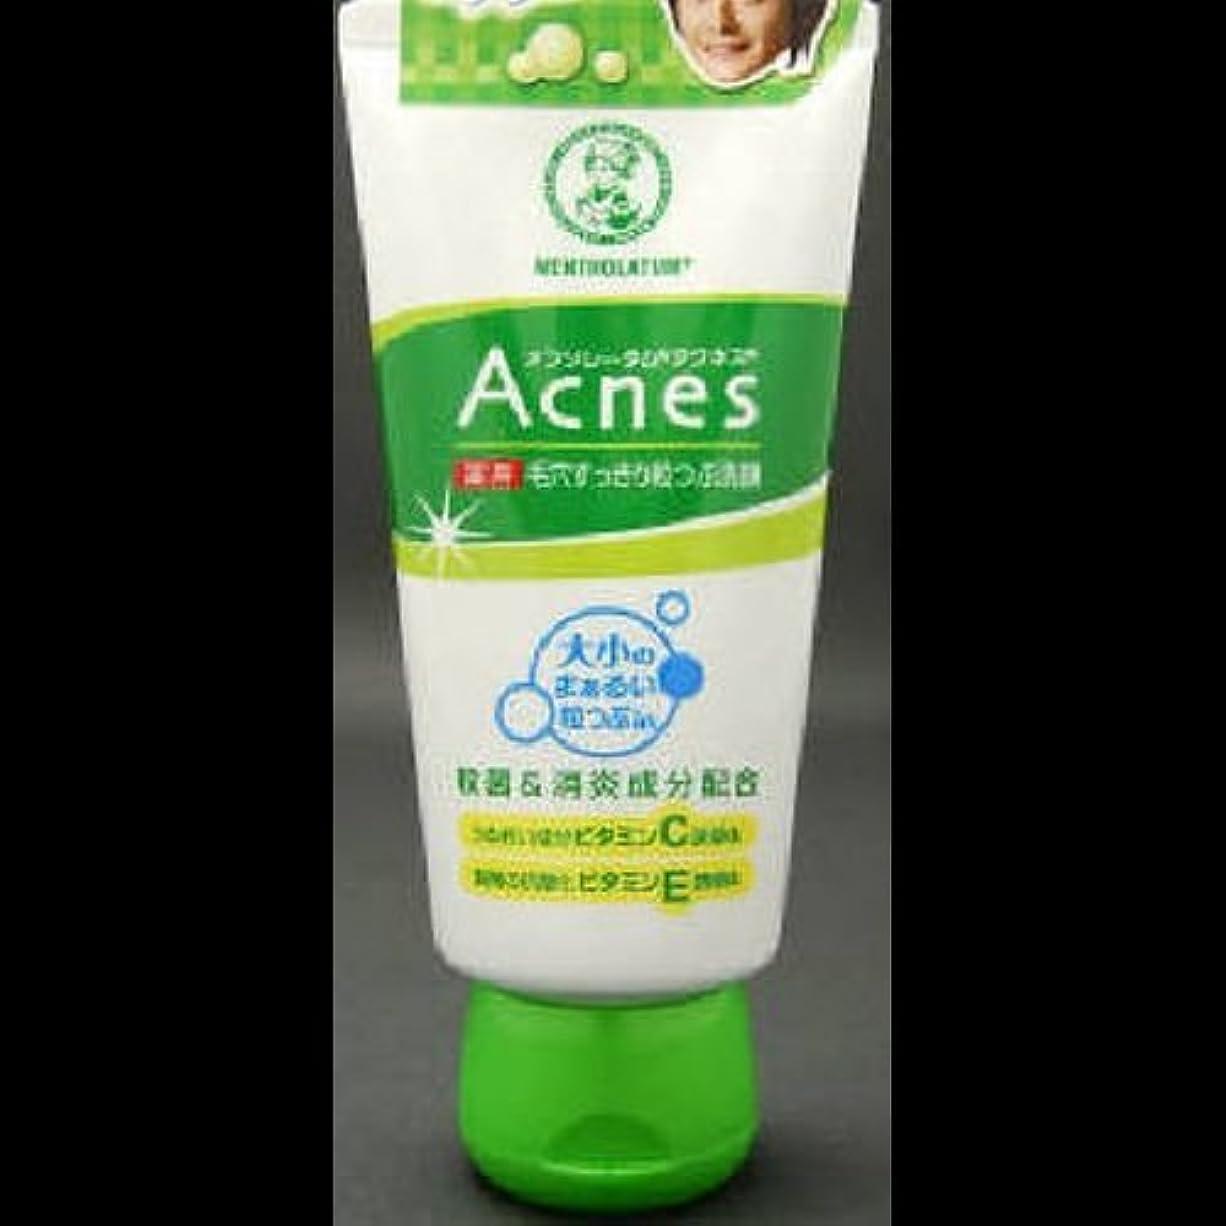 嫌悪アシスト軸【まとめ買い】メンソレータム アクネス 薬用 毛穴 すっきり 粒つぶ 洗顔 ×2セット